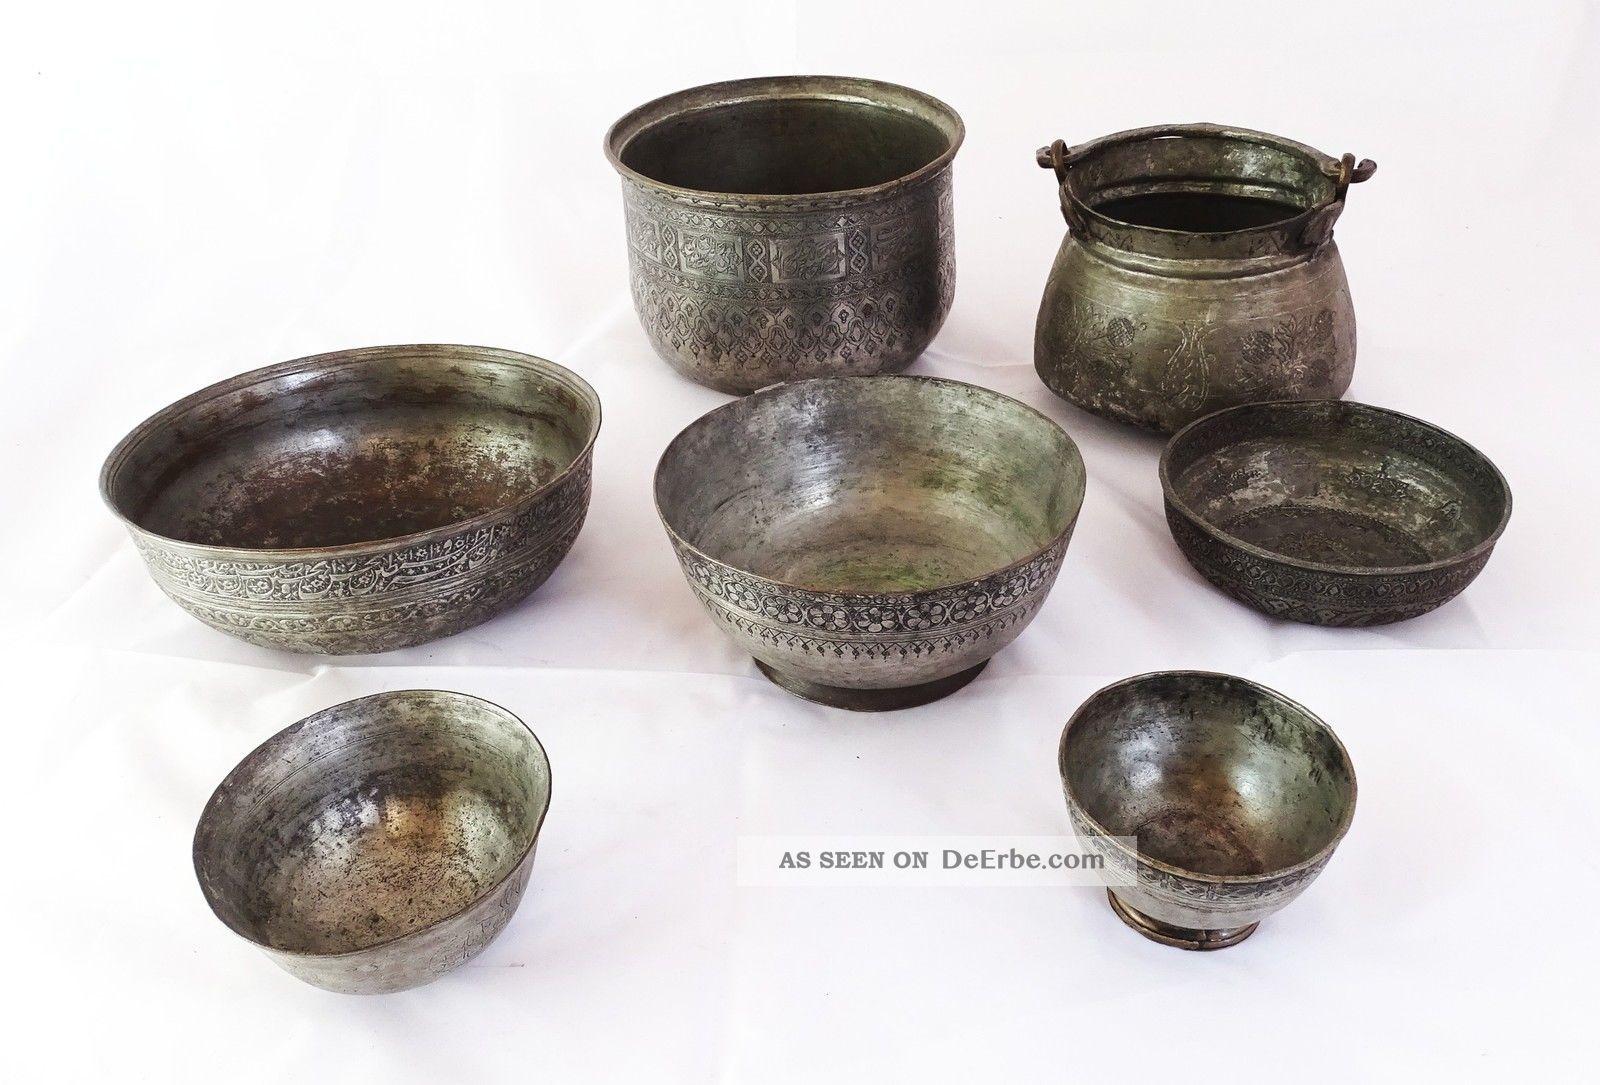 Großes Konvolut Antiker Orientalischer Gefäße Mit Herrlichen Verzierungen Metall Islamische Kunst Bild